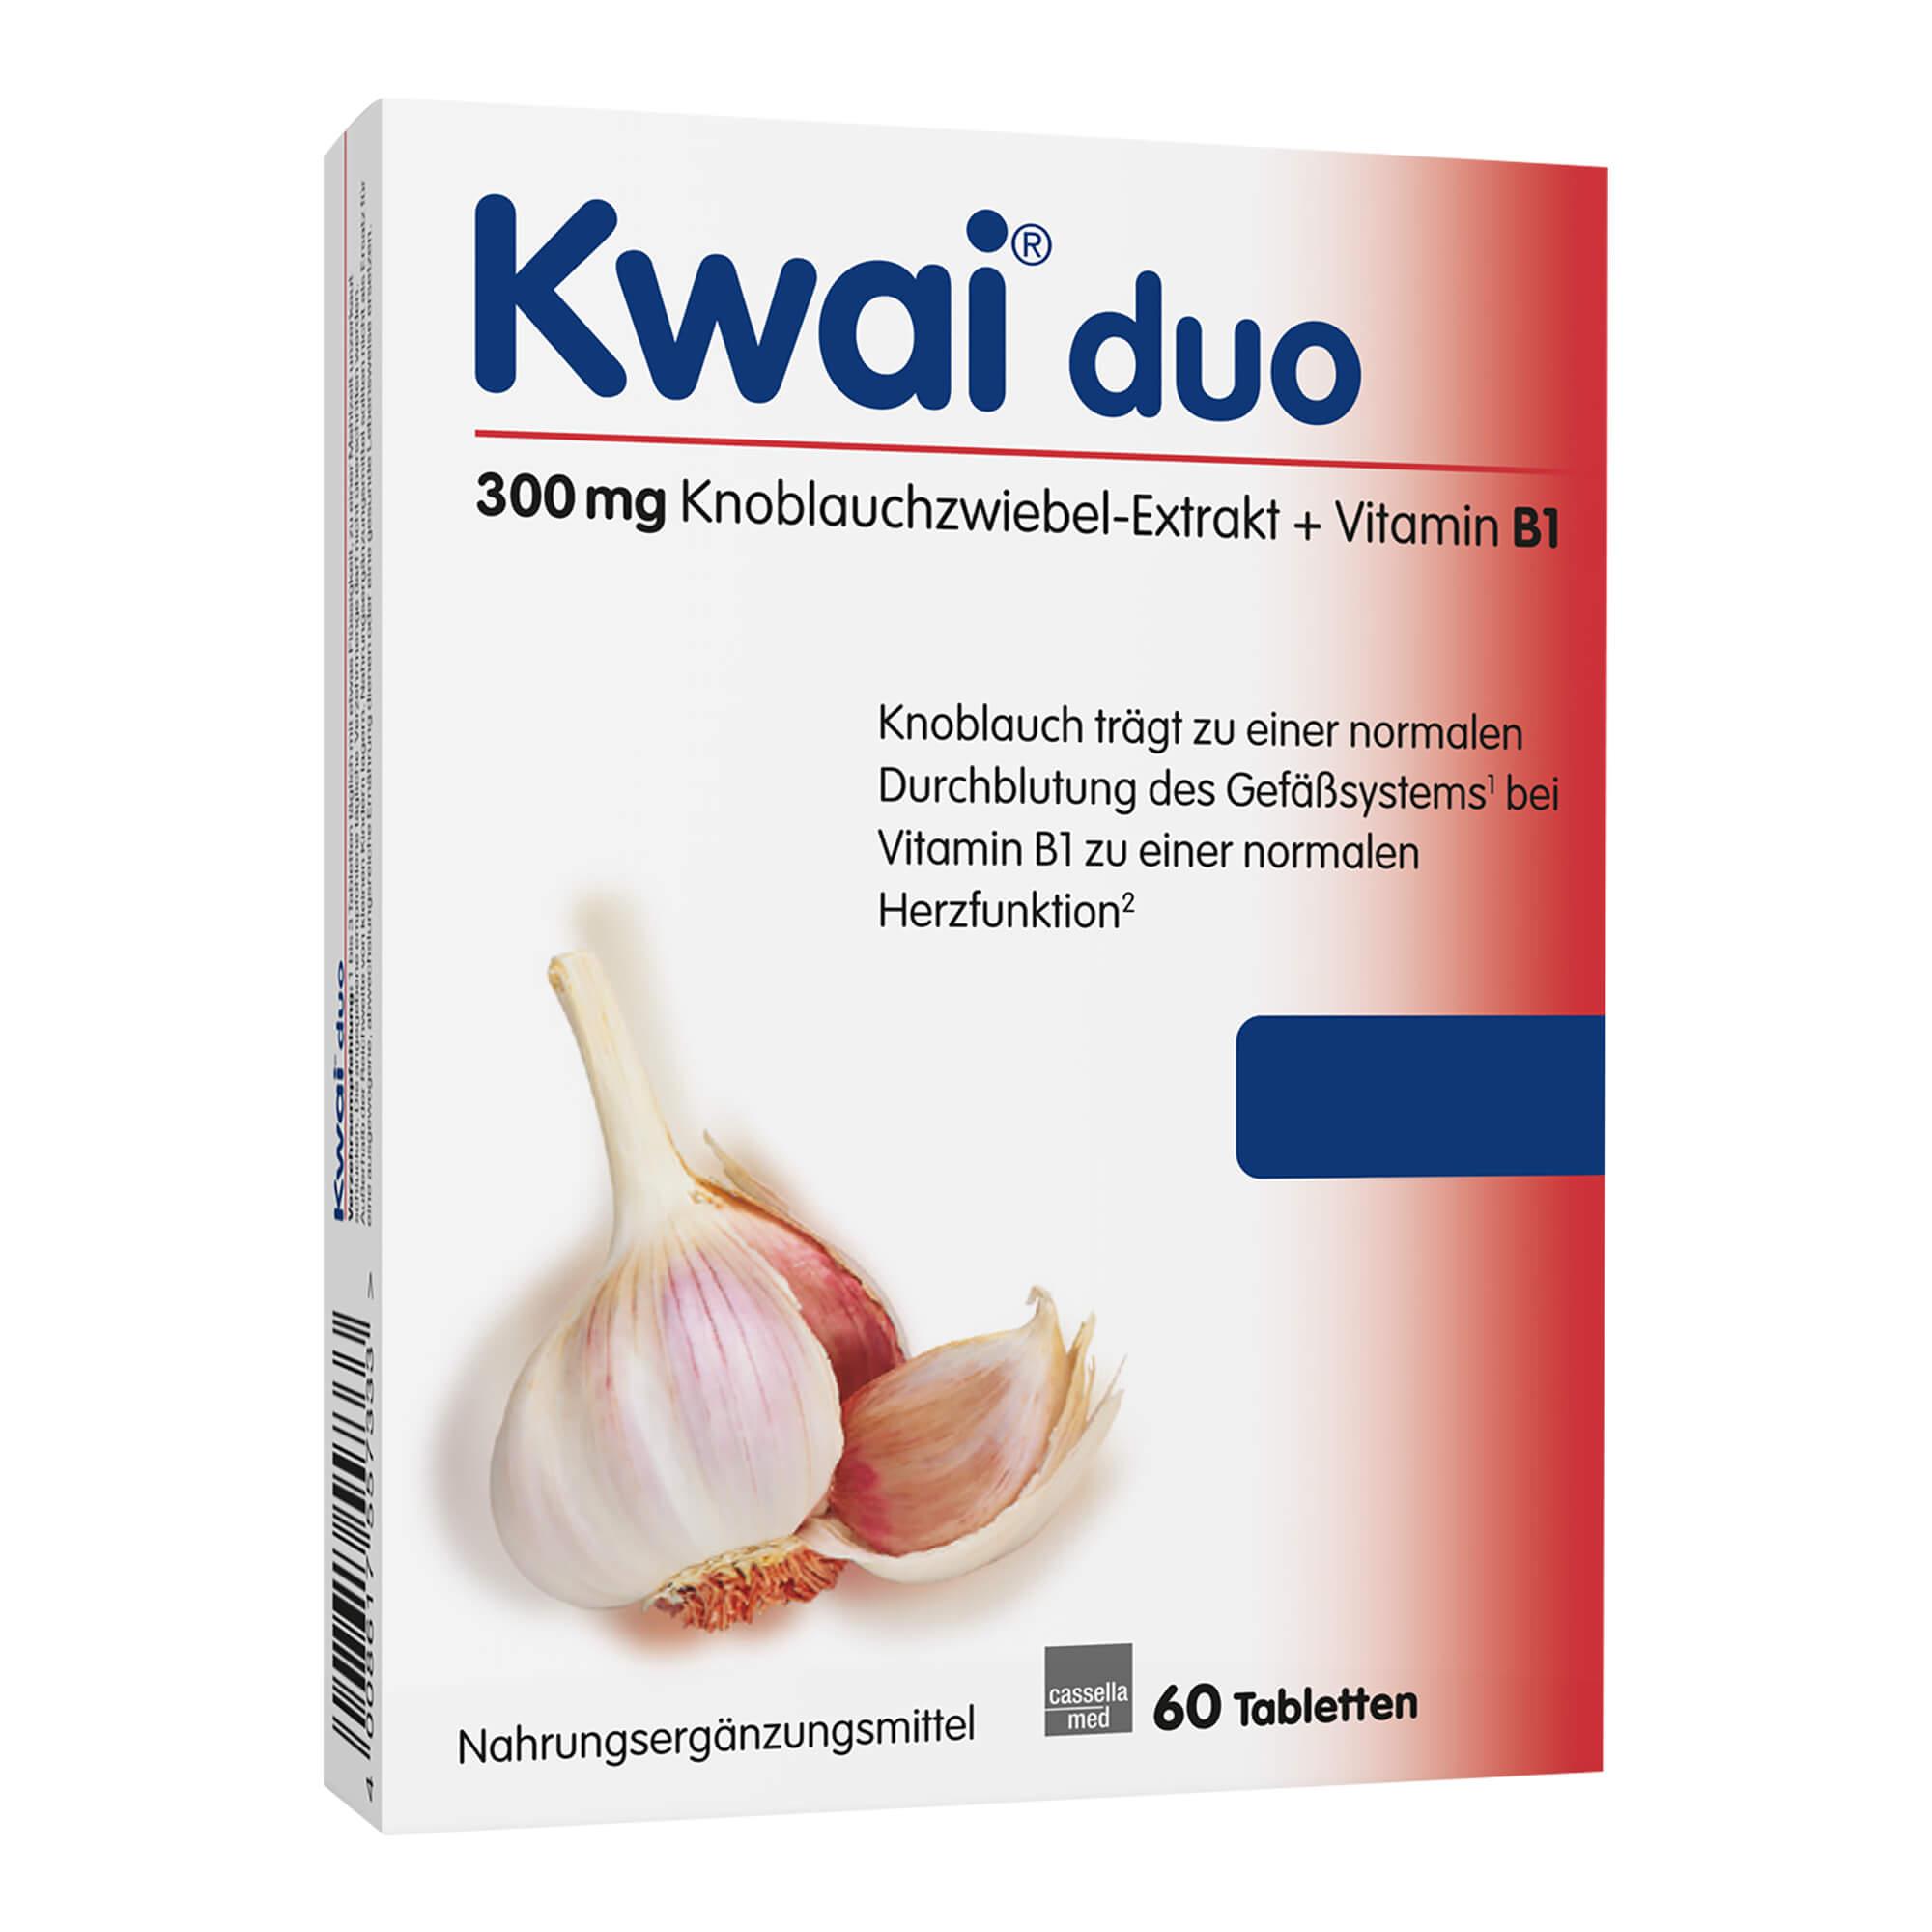 Kwai duo Tabletten